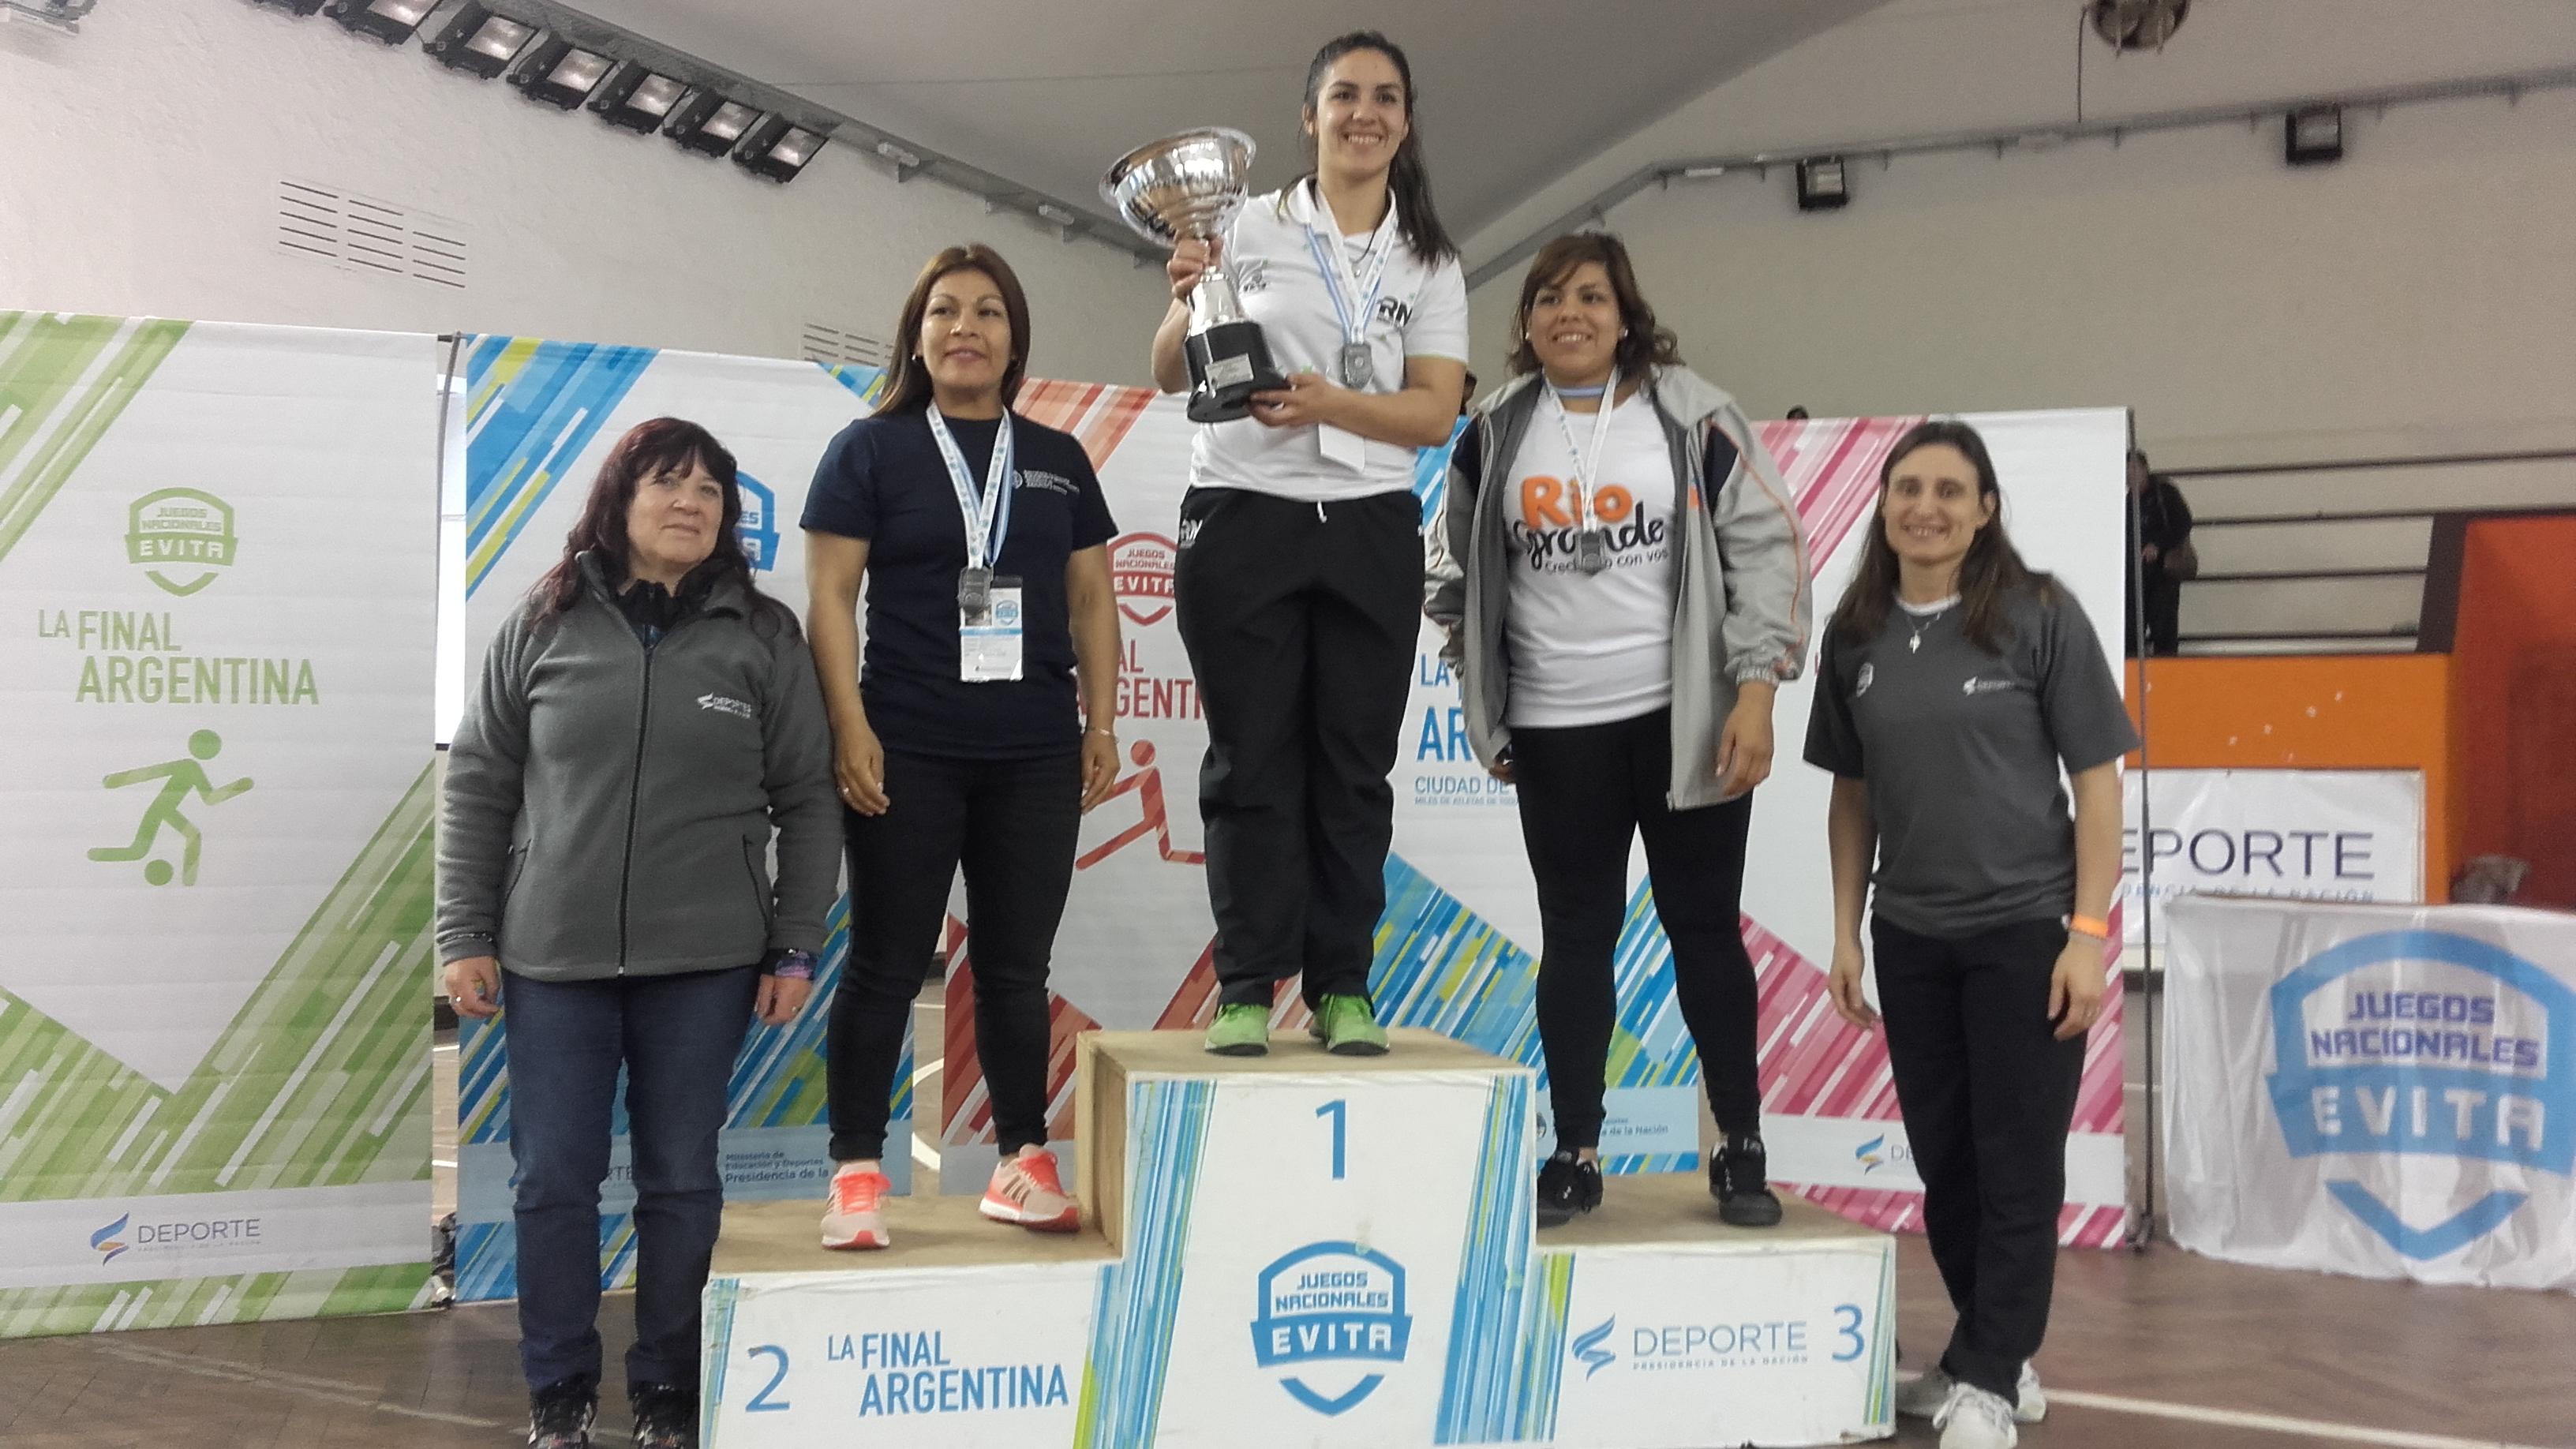 Podio por equipos Femenino, con ellas las Profesoras Liliana Escudero (MdP)y  Vanesa Titarelli (Sta.Cruz)